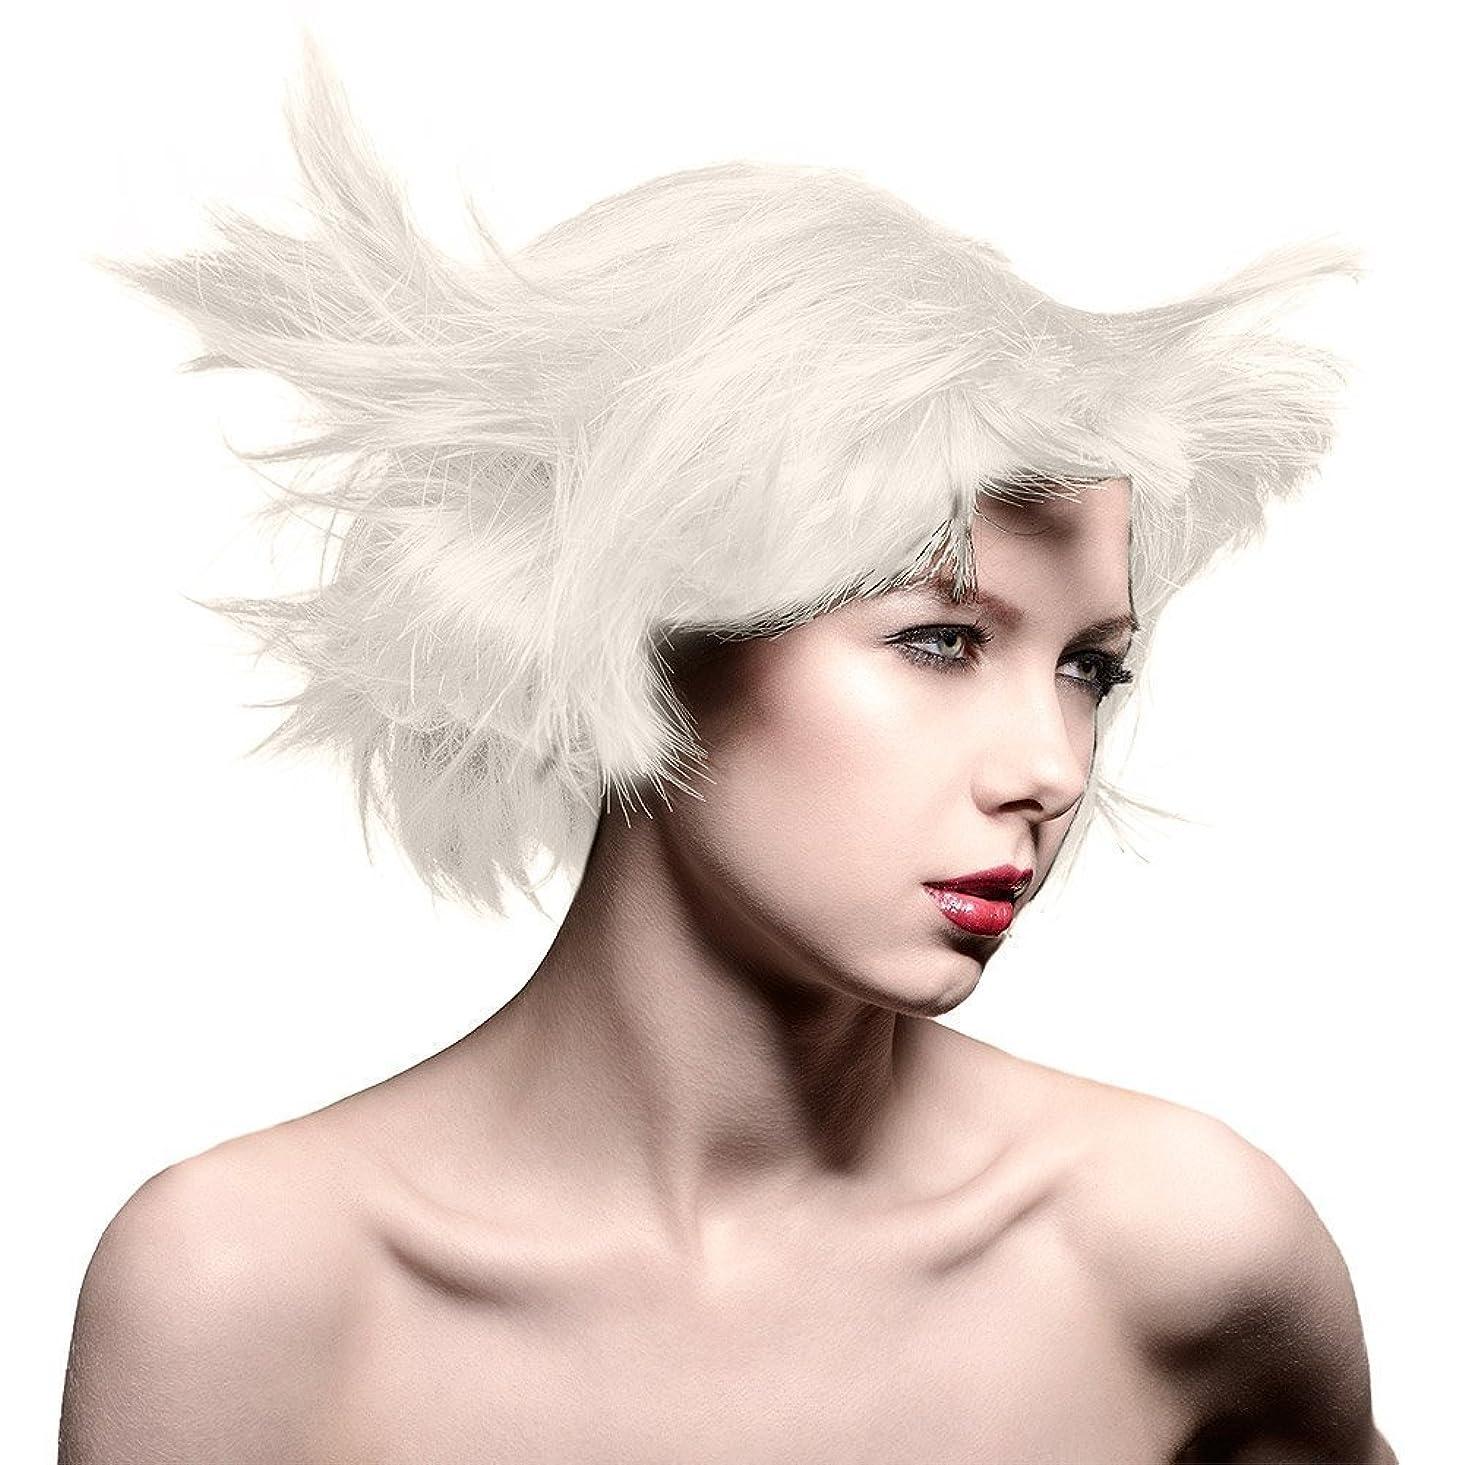 敬マートフレームワークMANIC PANIC Amplified Semi-Permanent Hair Color - Virgin Snow by Manic Panic